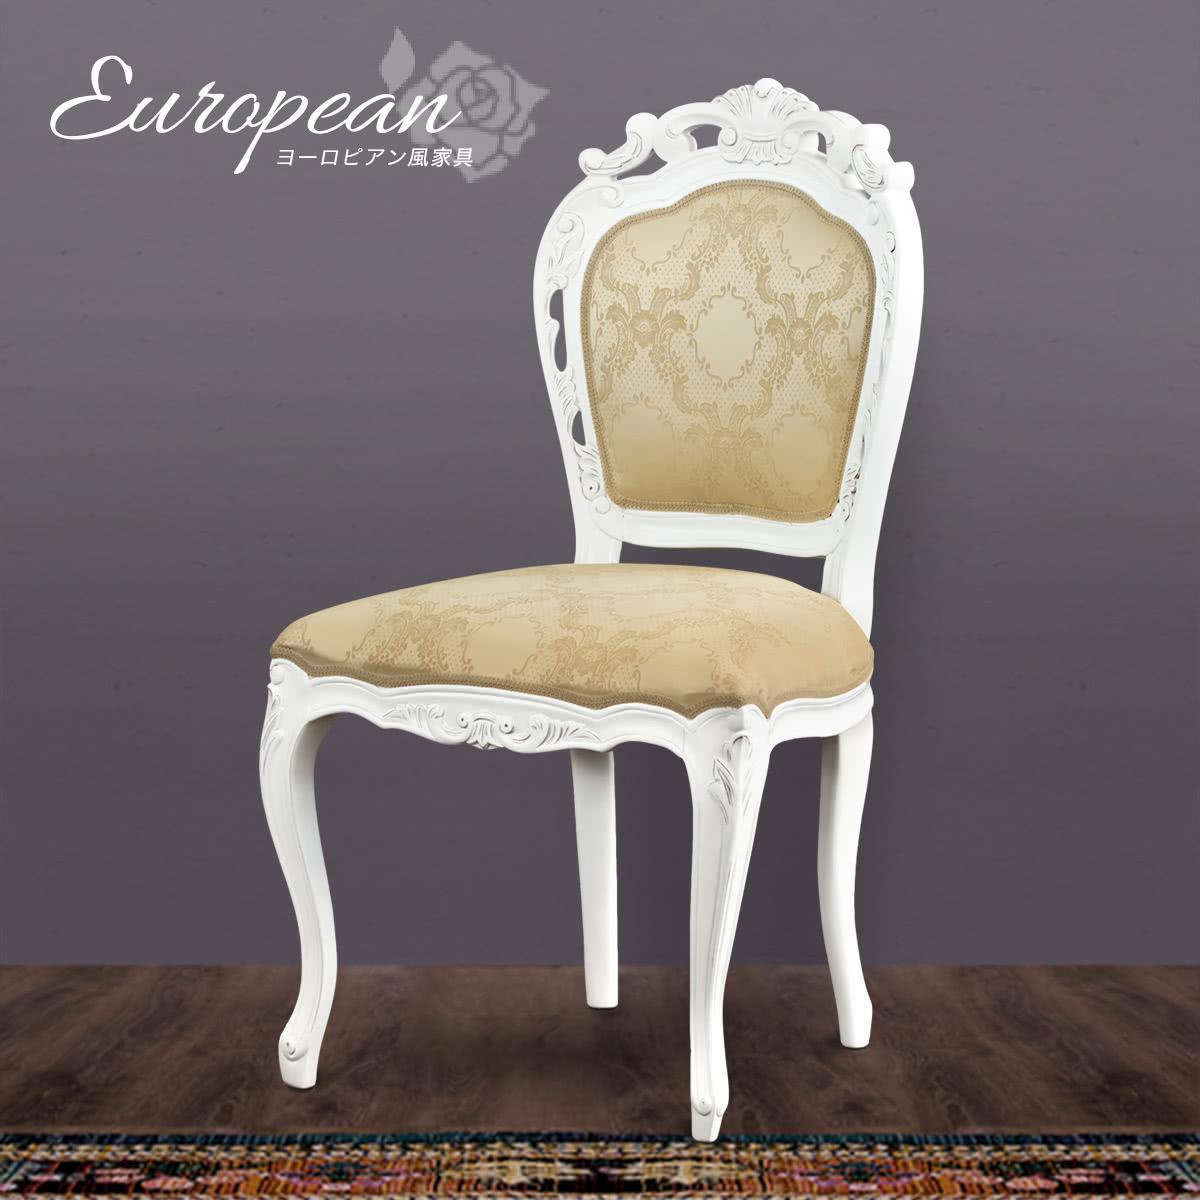 マホガニー アンティーク調チェアー 肘掛けなし 優雅な猫脚チェア ダイニングチェアー 椅子 姫家具 プリンセス家具 白 ホワイト 完成品 エレガント ロココ調 ダイニングチェア